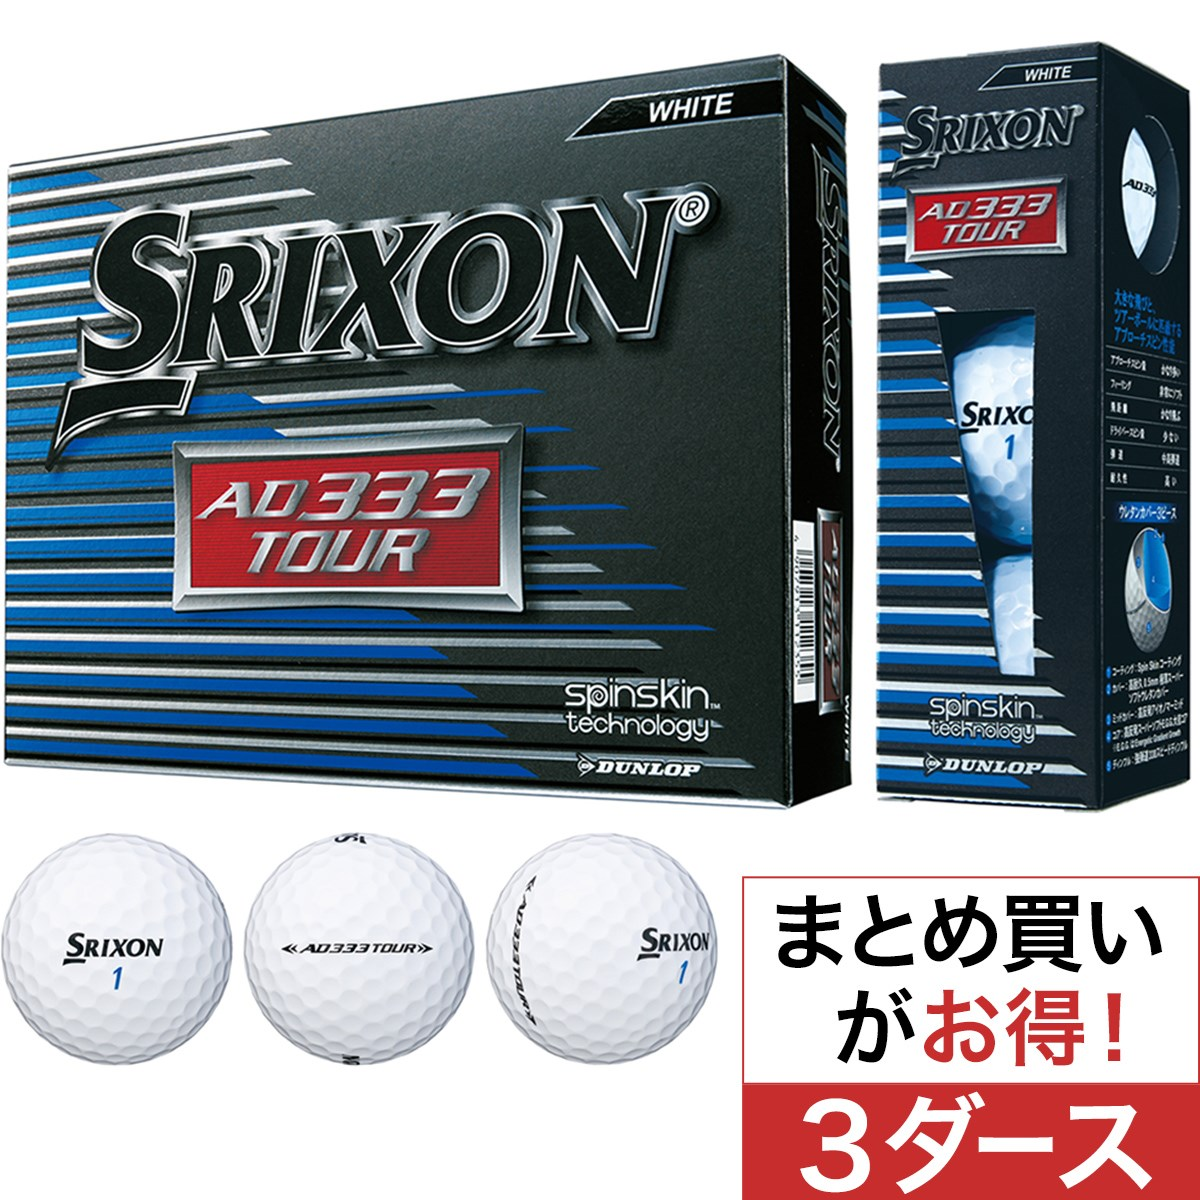 ダンロップ(DUNLOP) スリクソン AD333 TOUR ボール 3ダースセット